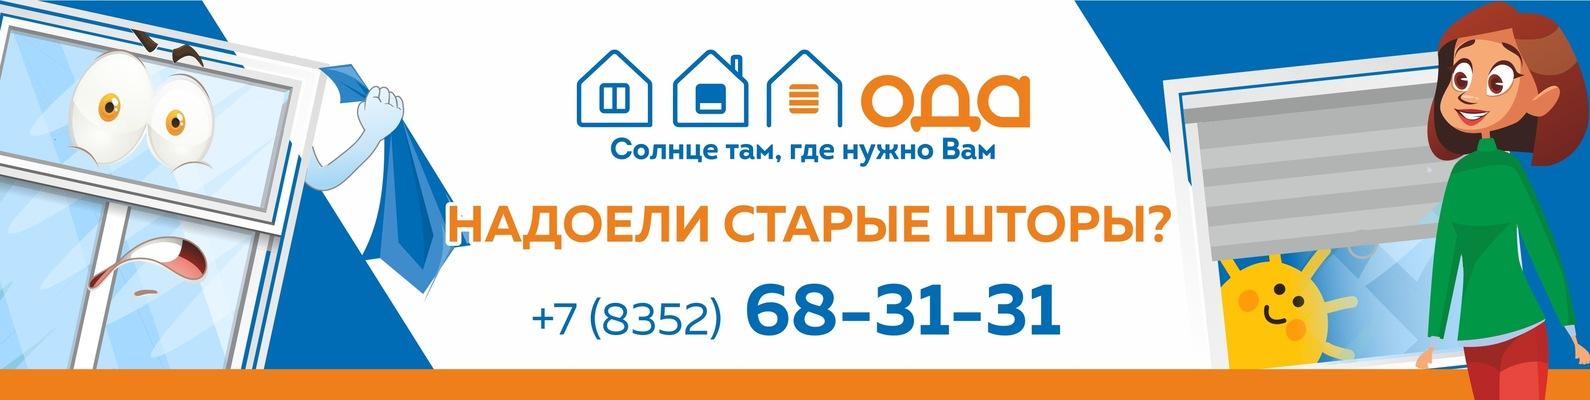 управляющая компания 6 ставрополь официальный сайт